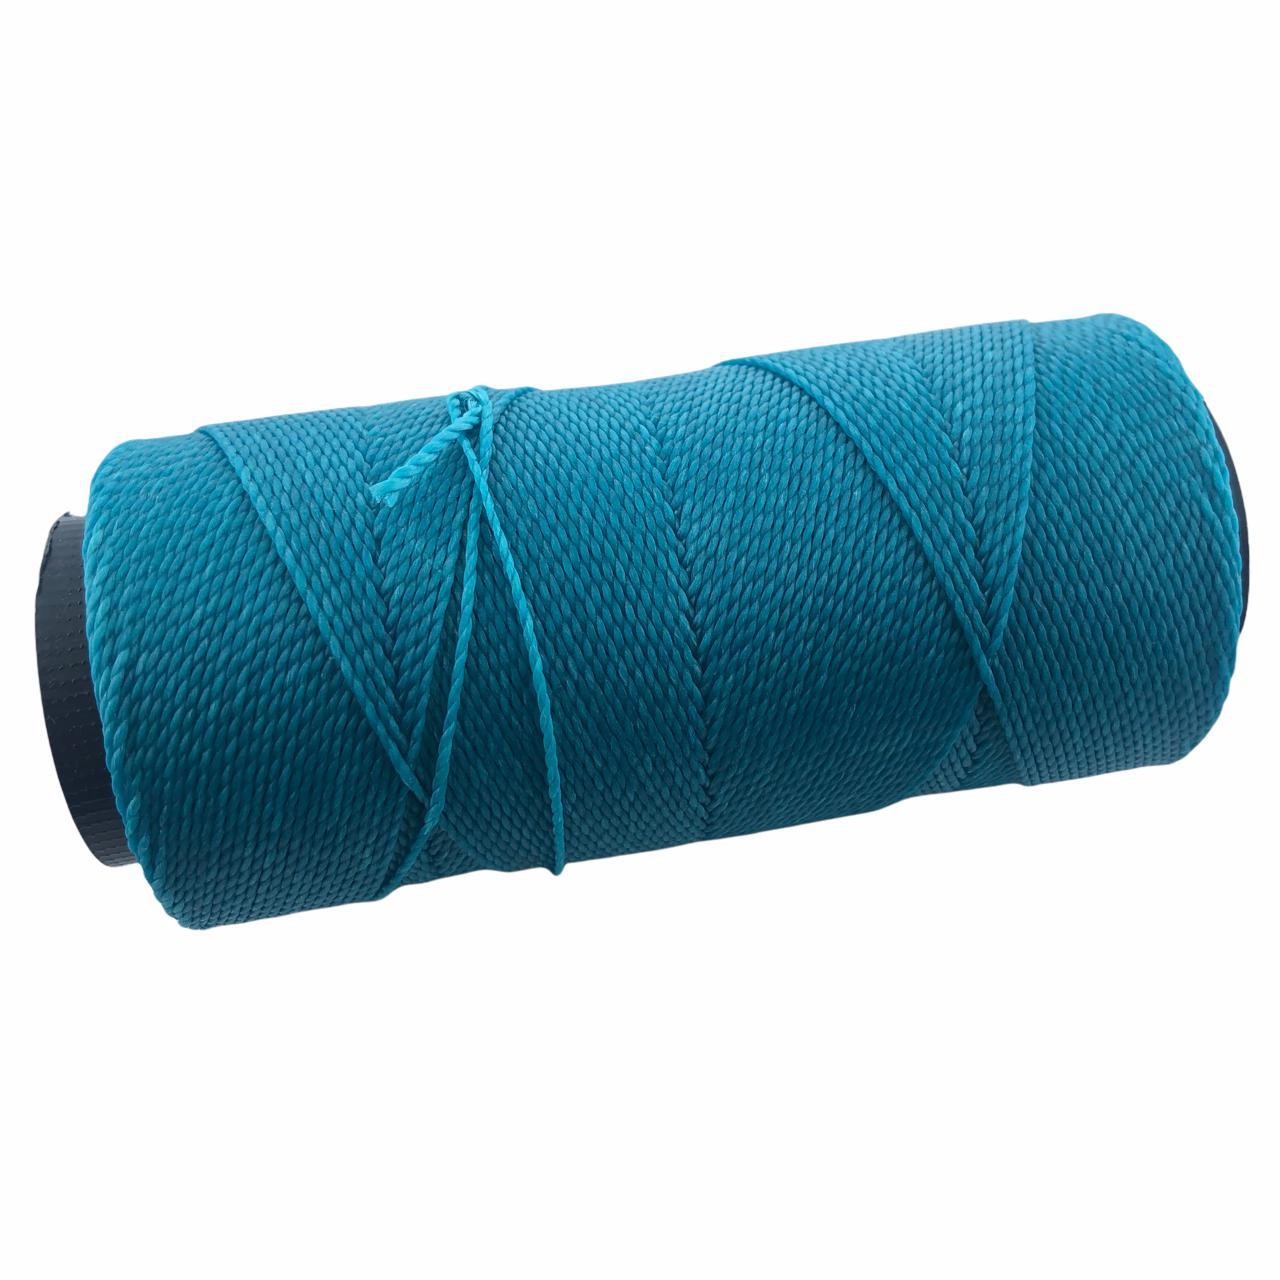 CE30 - Cordonê Encerado Azul Celeste - 10metros